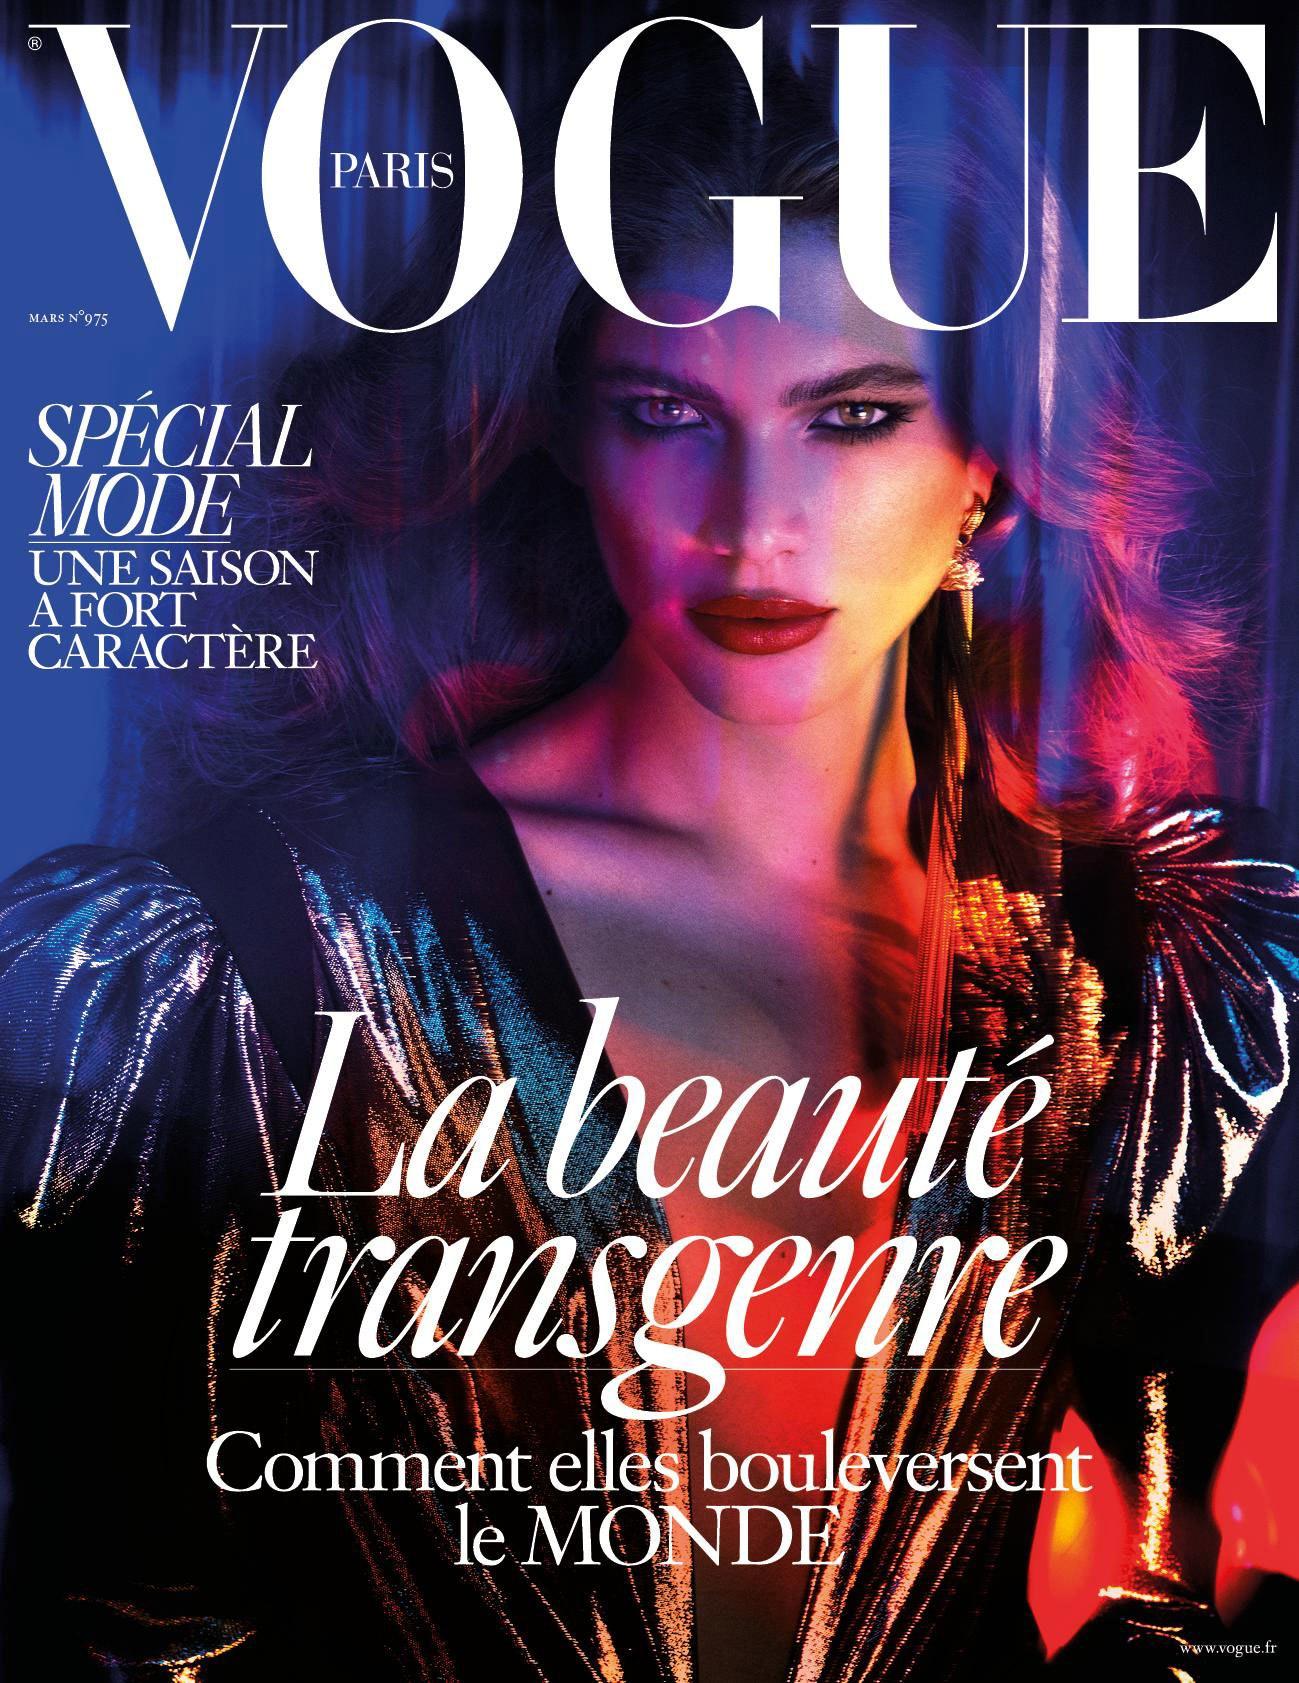 Журнал Vogue впервый раз публикует фото трансгендера наобложке